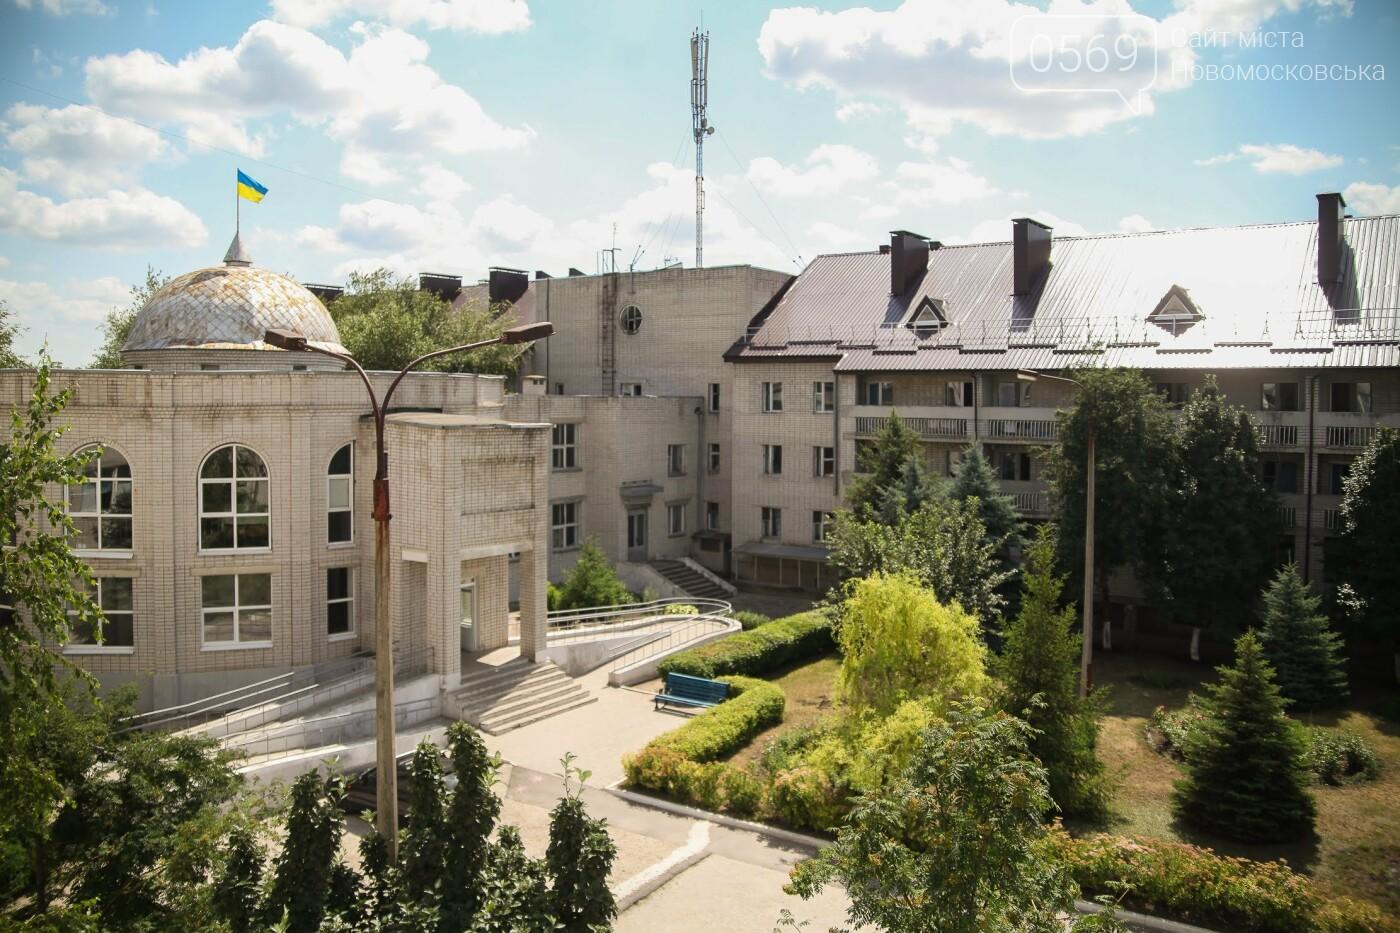 У «Солоному лимані», що на Новомосковщині, пройшли реабілітацію понад 200 АТОвців, фото-1